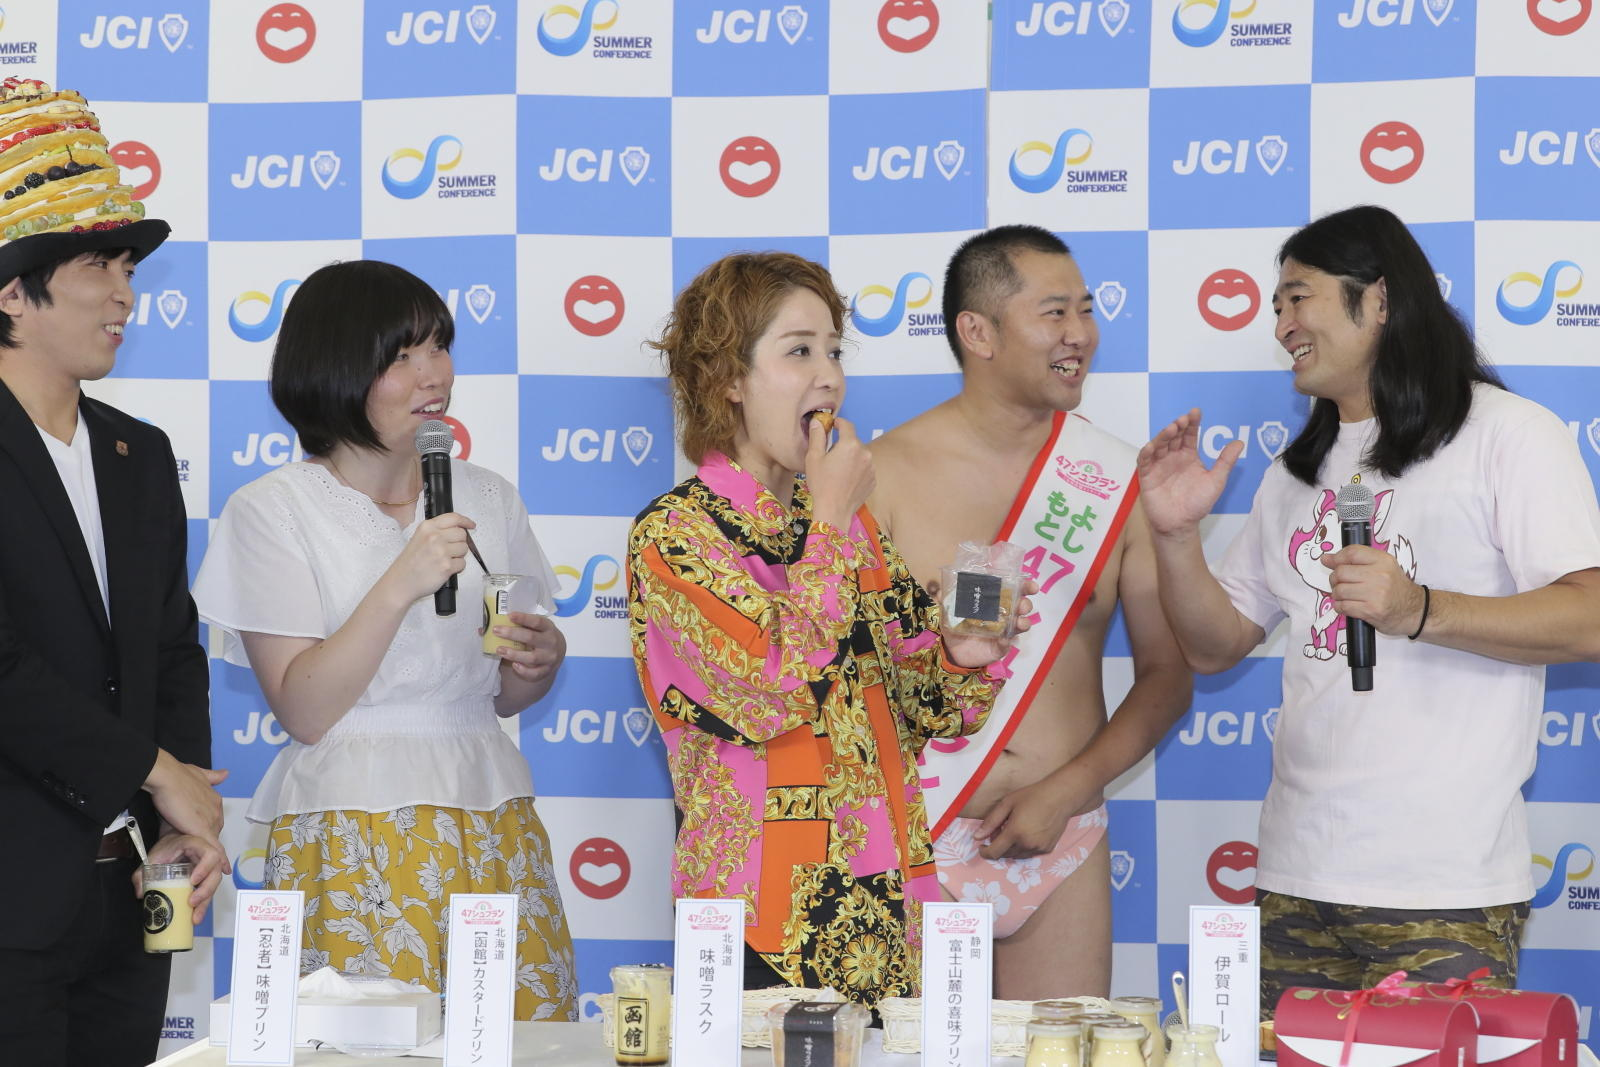 http://news.yoshimoto.co.jp/20170714133729-3aca537b0b1428f64c7ec6afbb69d15d84f3dbc5.jpg